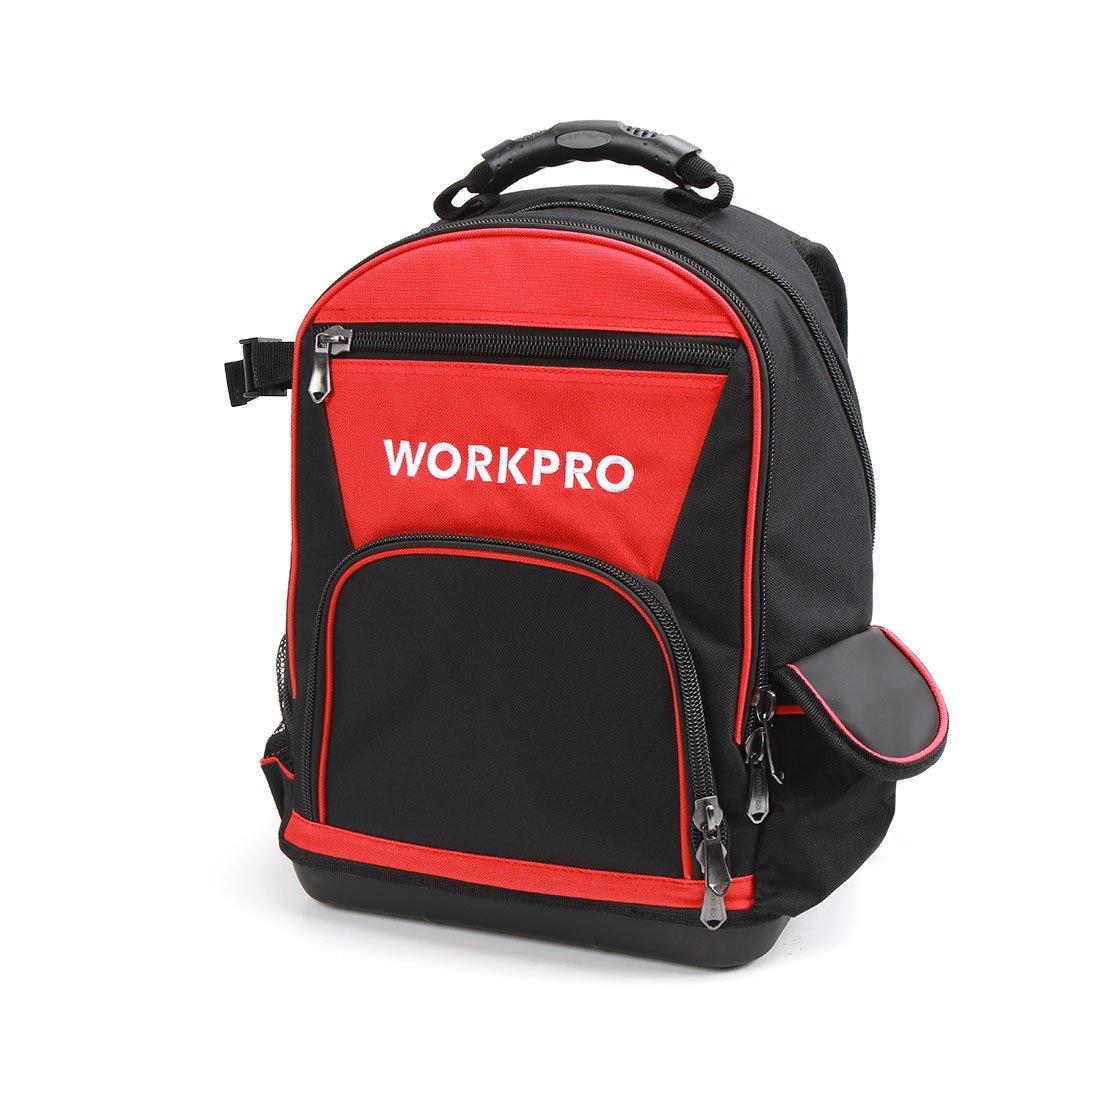 WORKPRO Mochila para Herramientas Bolsa Organizador de Laptop 37 Bolsillos y Accesorios HANGZHOU GREATSTAR INDUSTRIAL CO. LTD